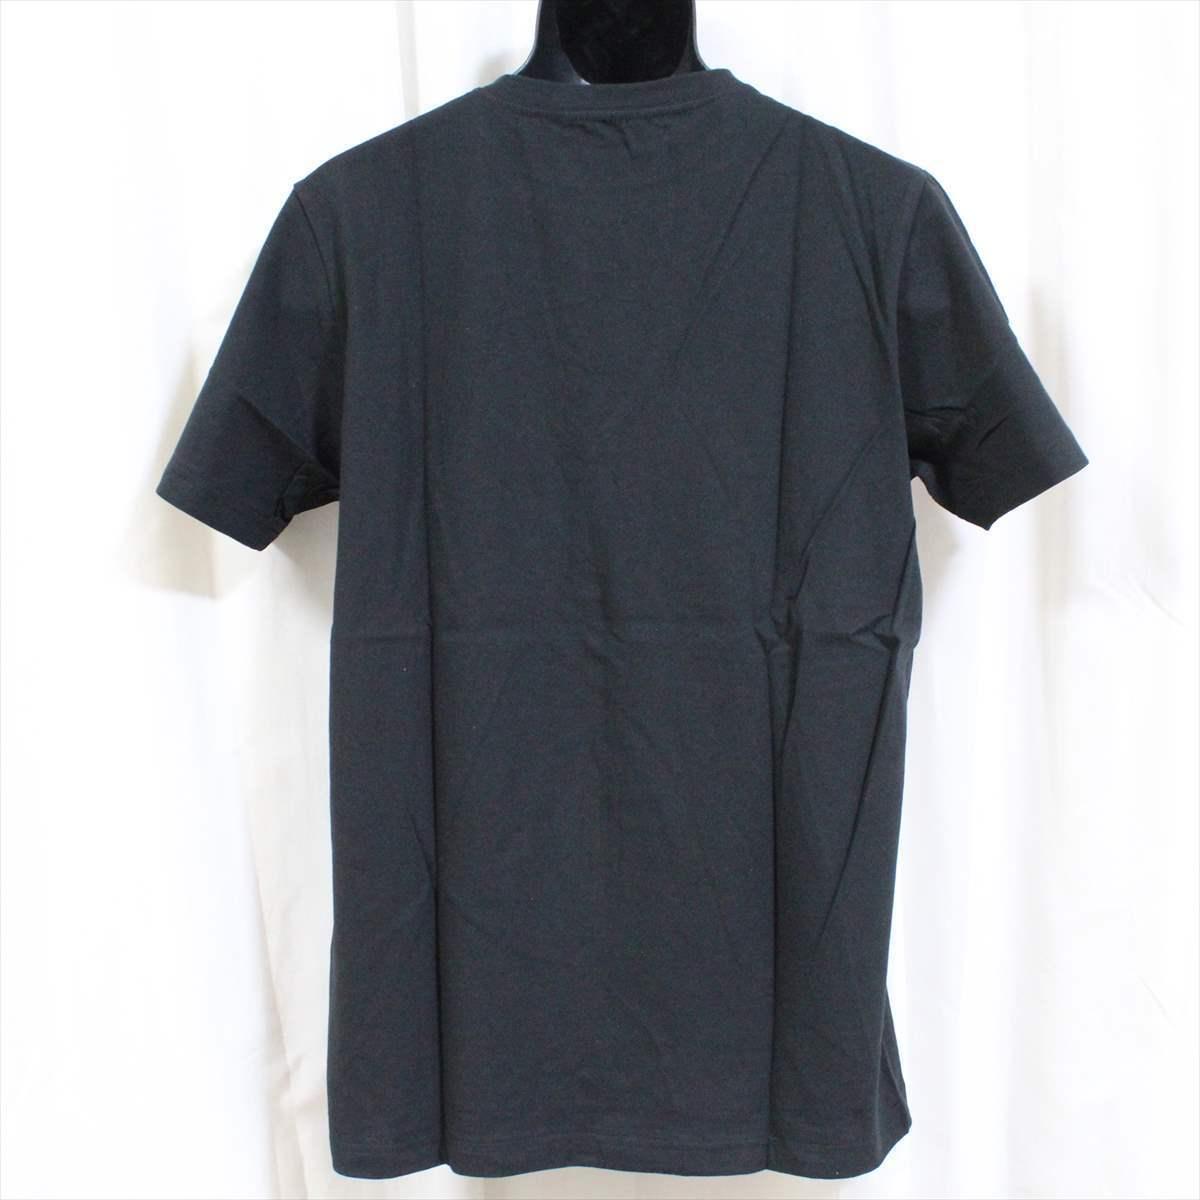 ピコ PIKO メンズ半袖Tシャツ ブラック Lサイズ 新品 黒 HAWAIIAN LONGBOARD WEAR_画像3